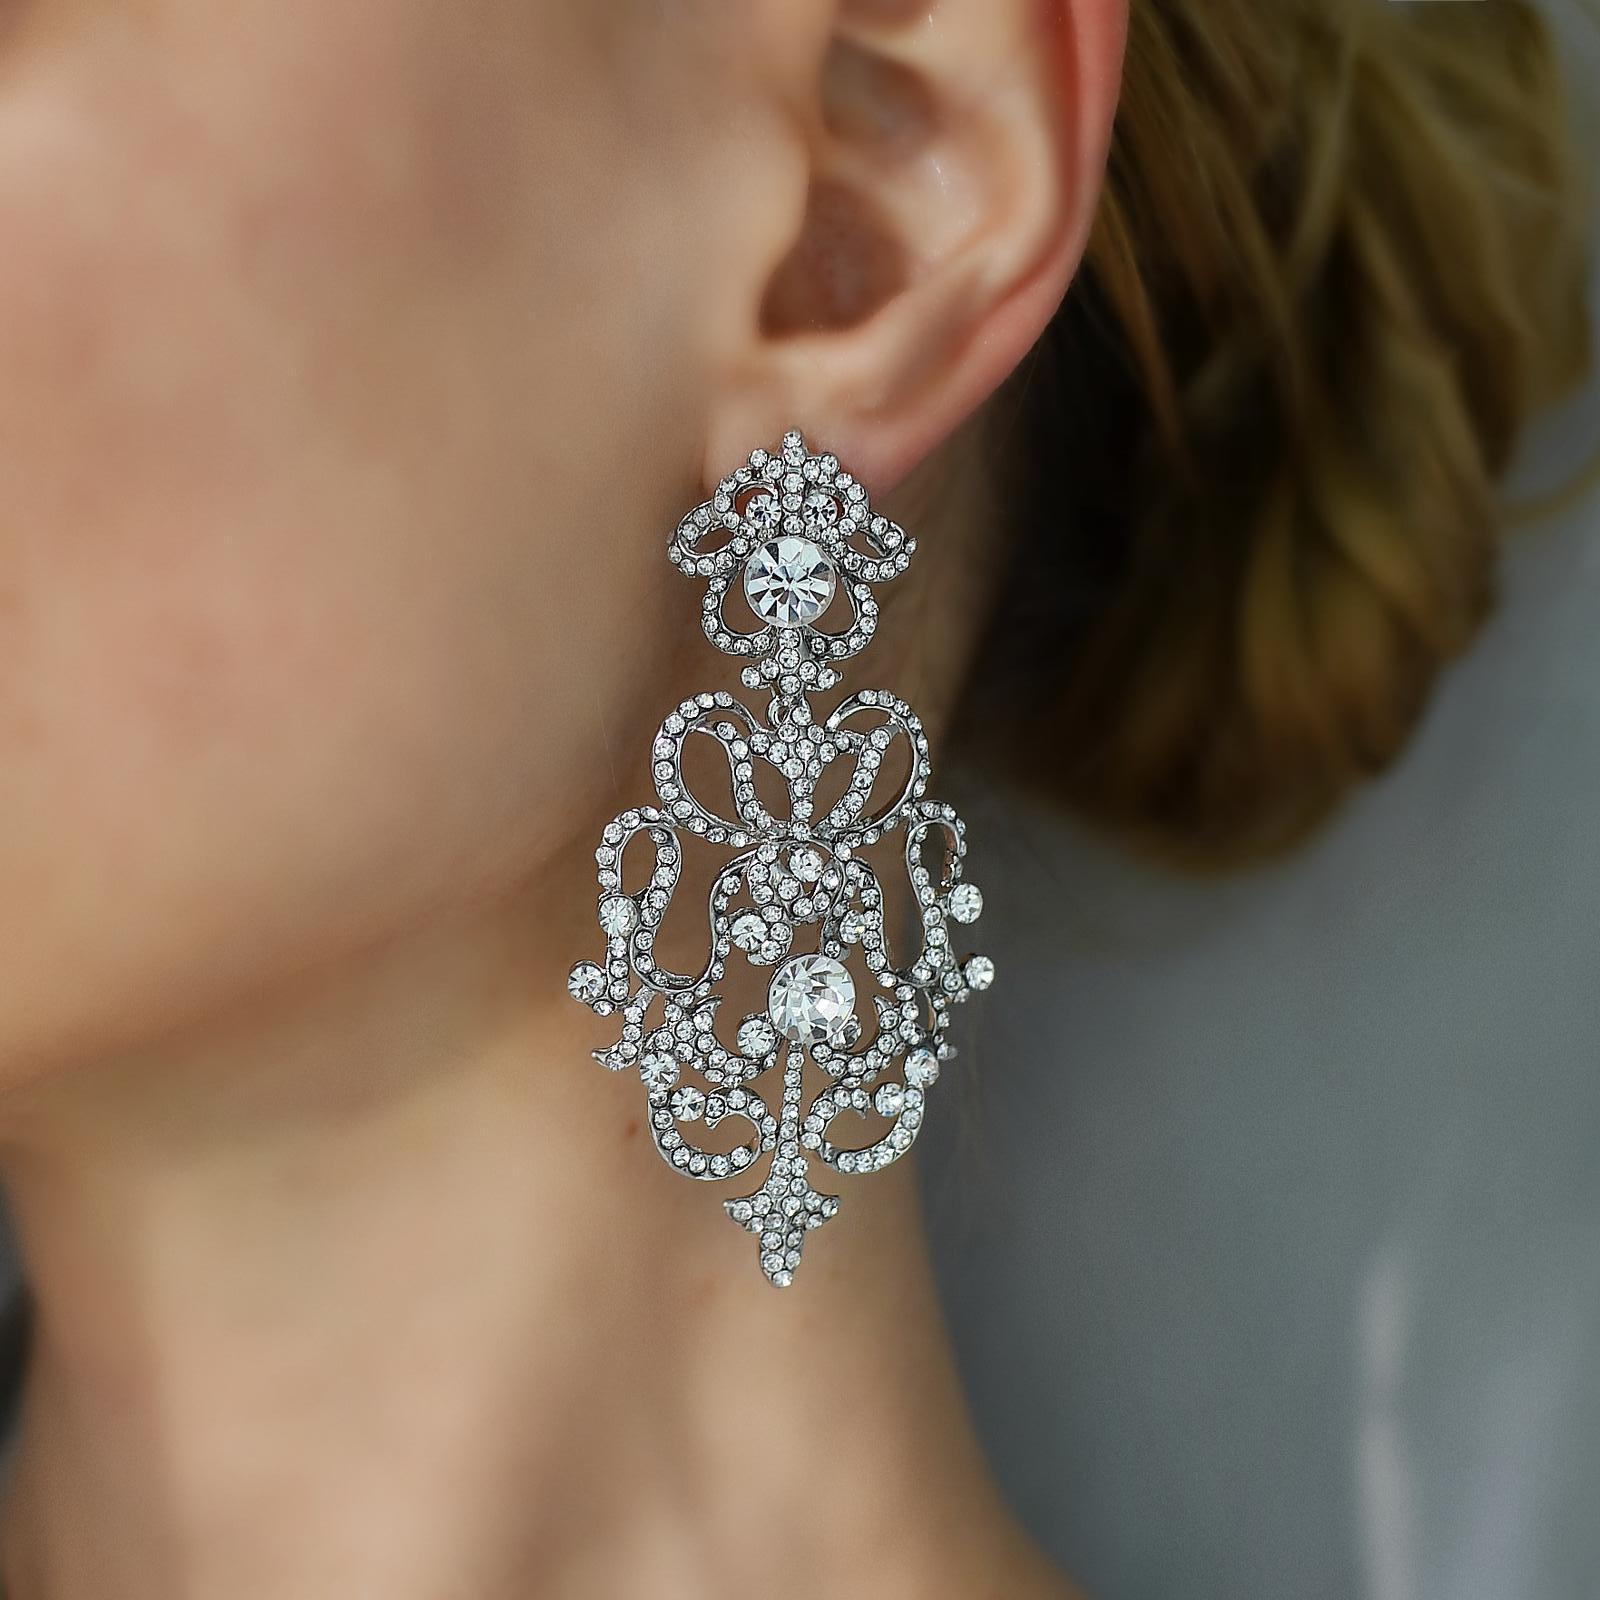 Šperky NA SKLADE - real foto - Obrázok č. 17